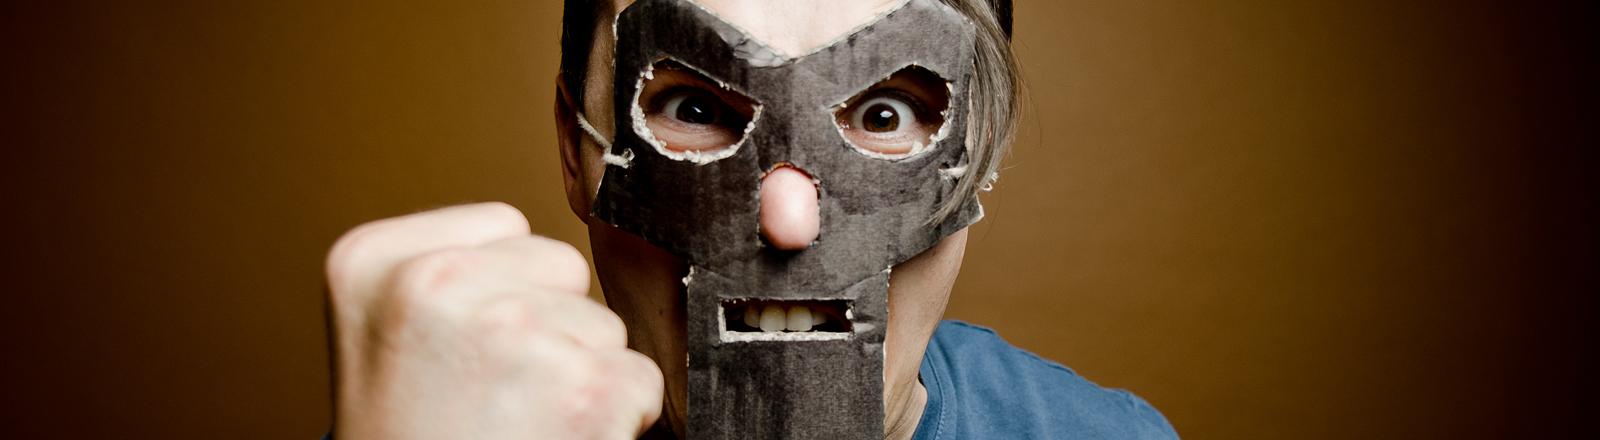 Mann mit Maske zeigt eine Faust